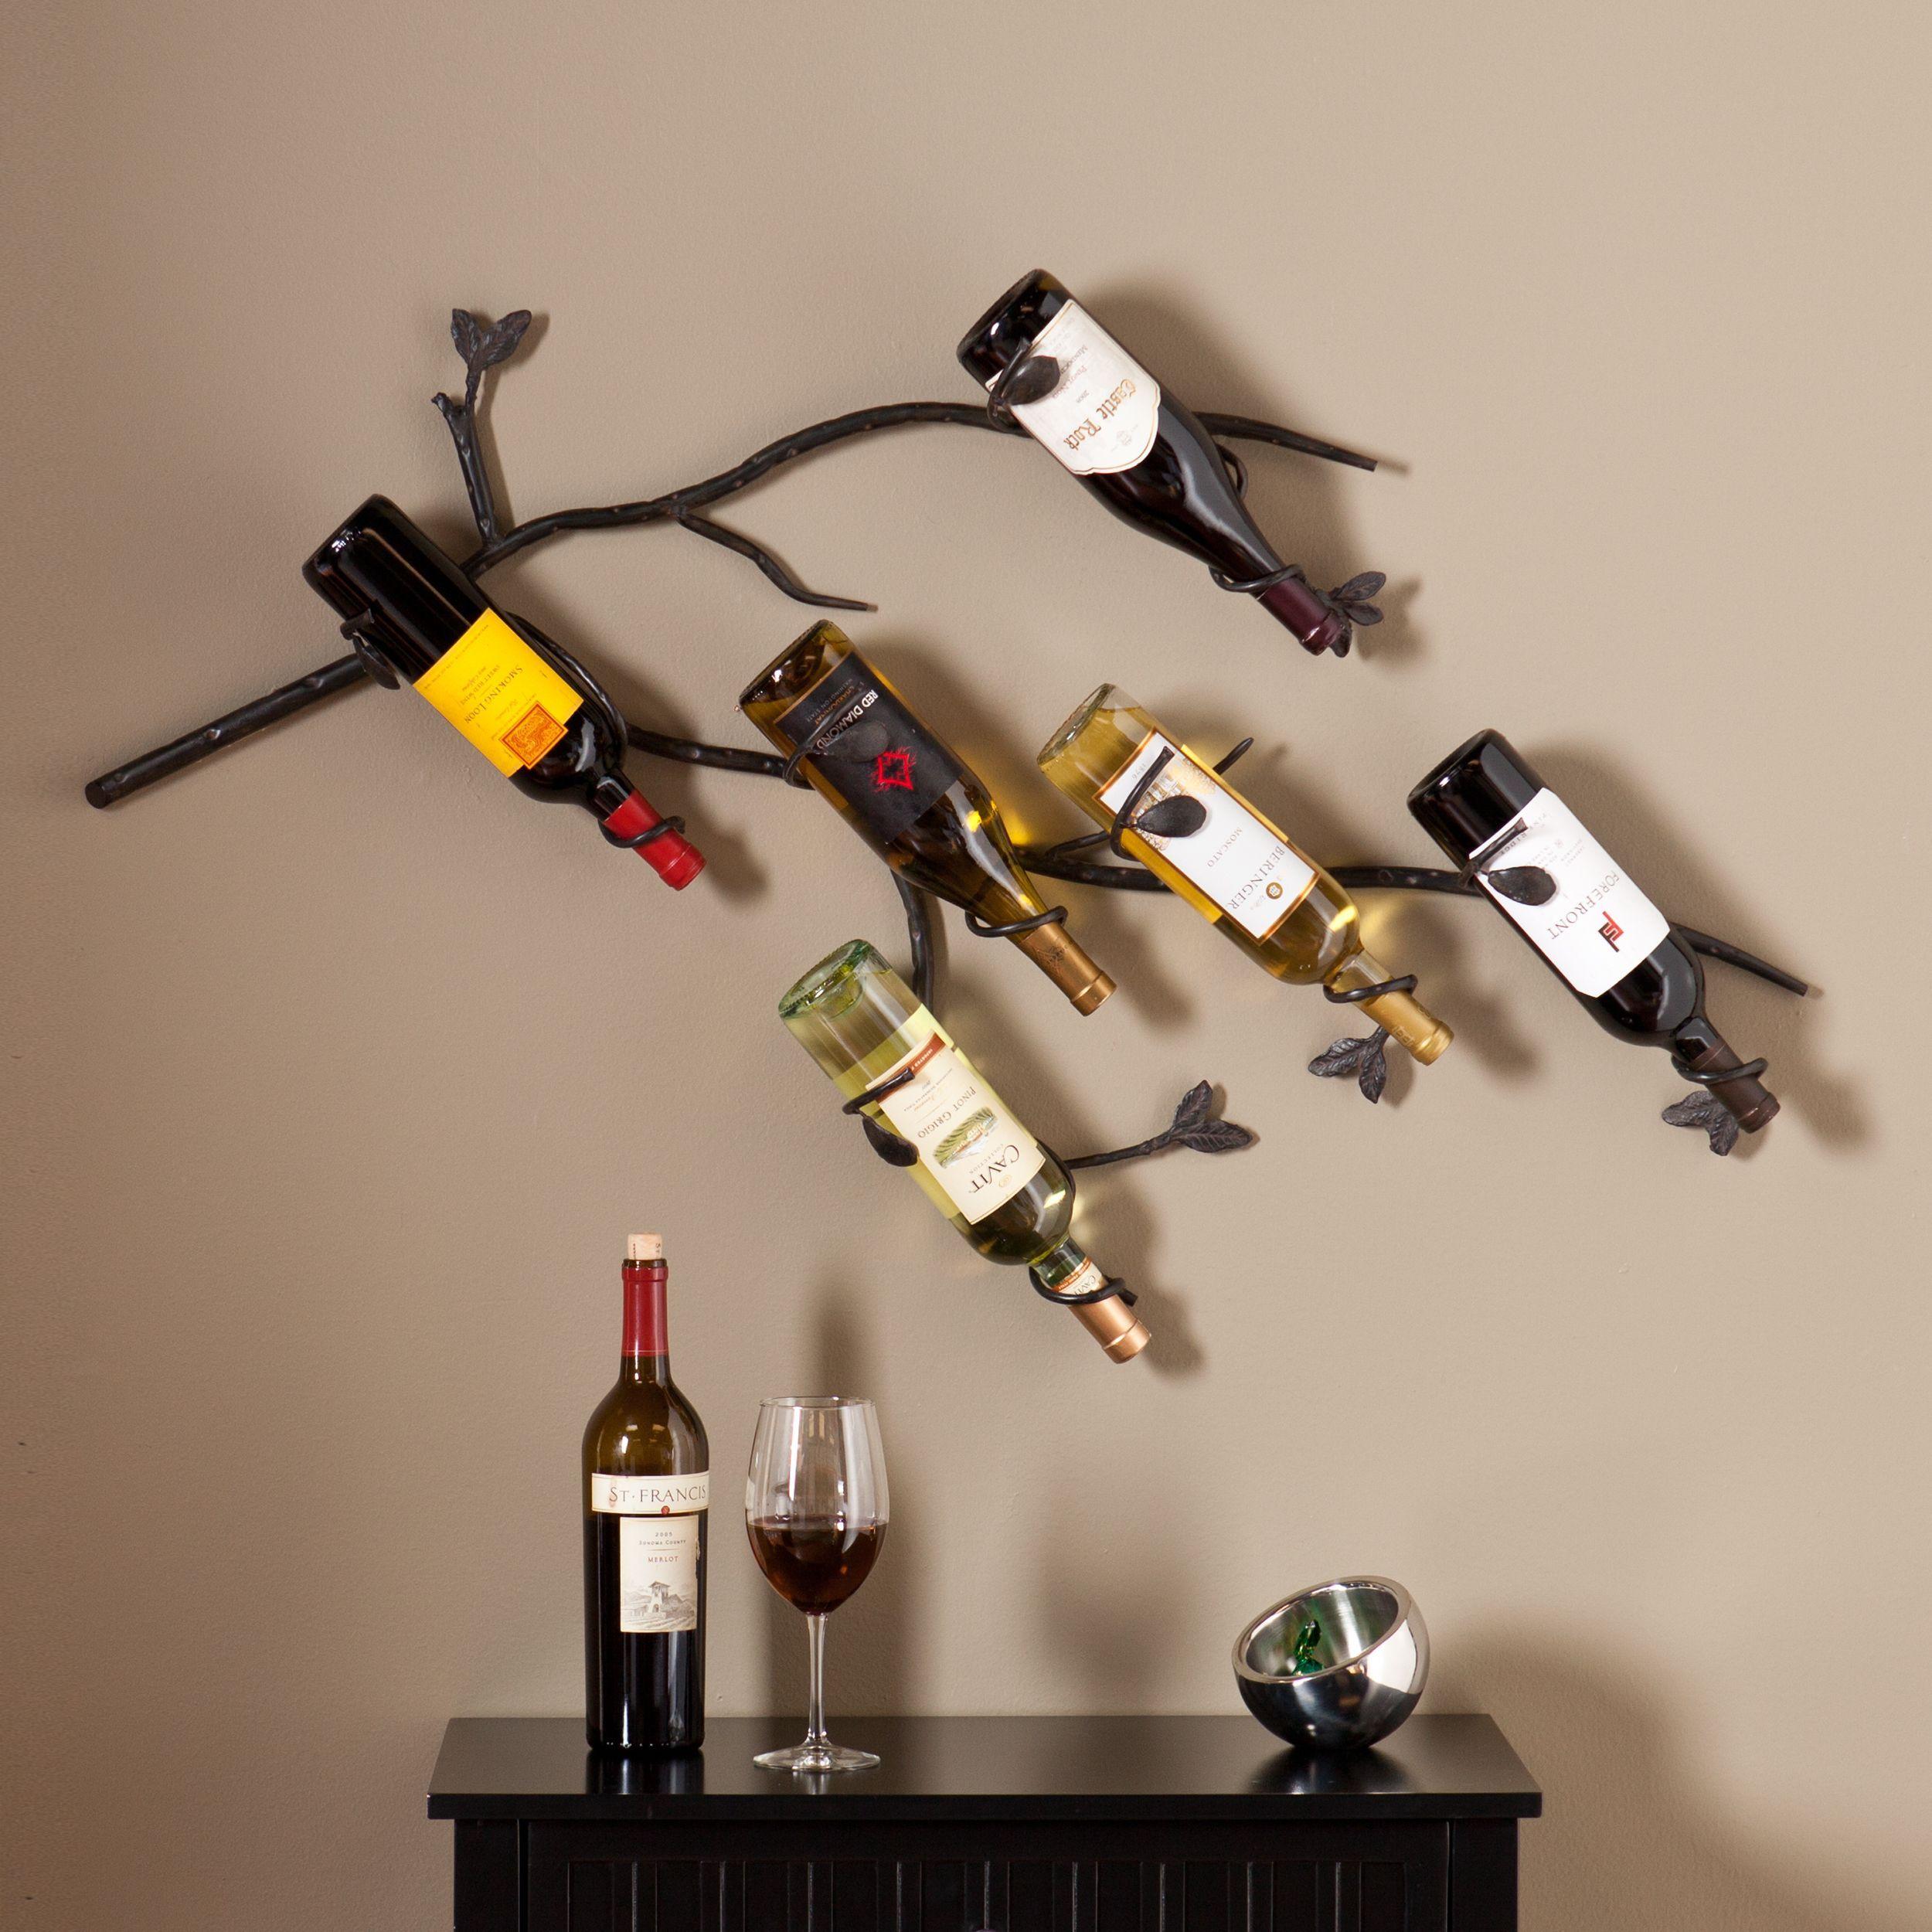 storage kitchen spiral wine blvd bottles itm rack winston holds harper design mount wall